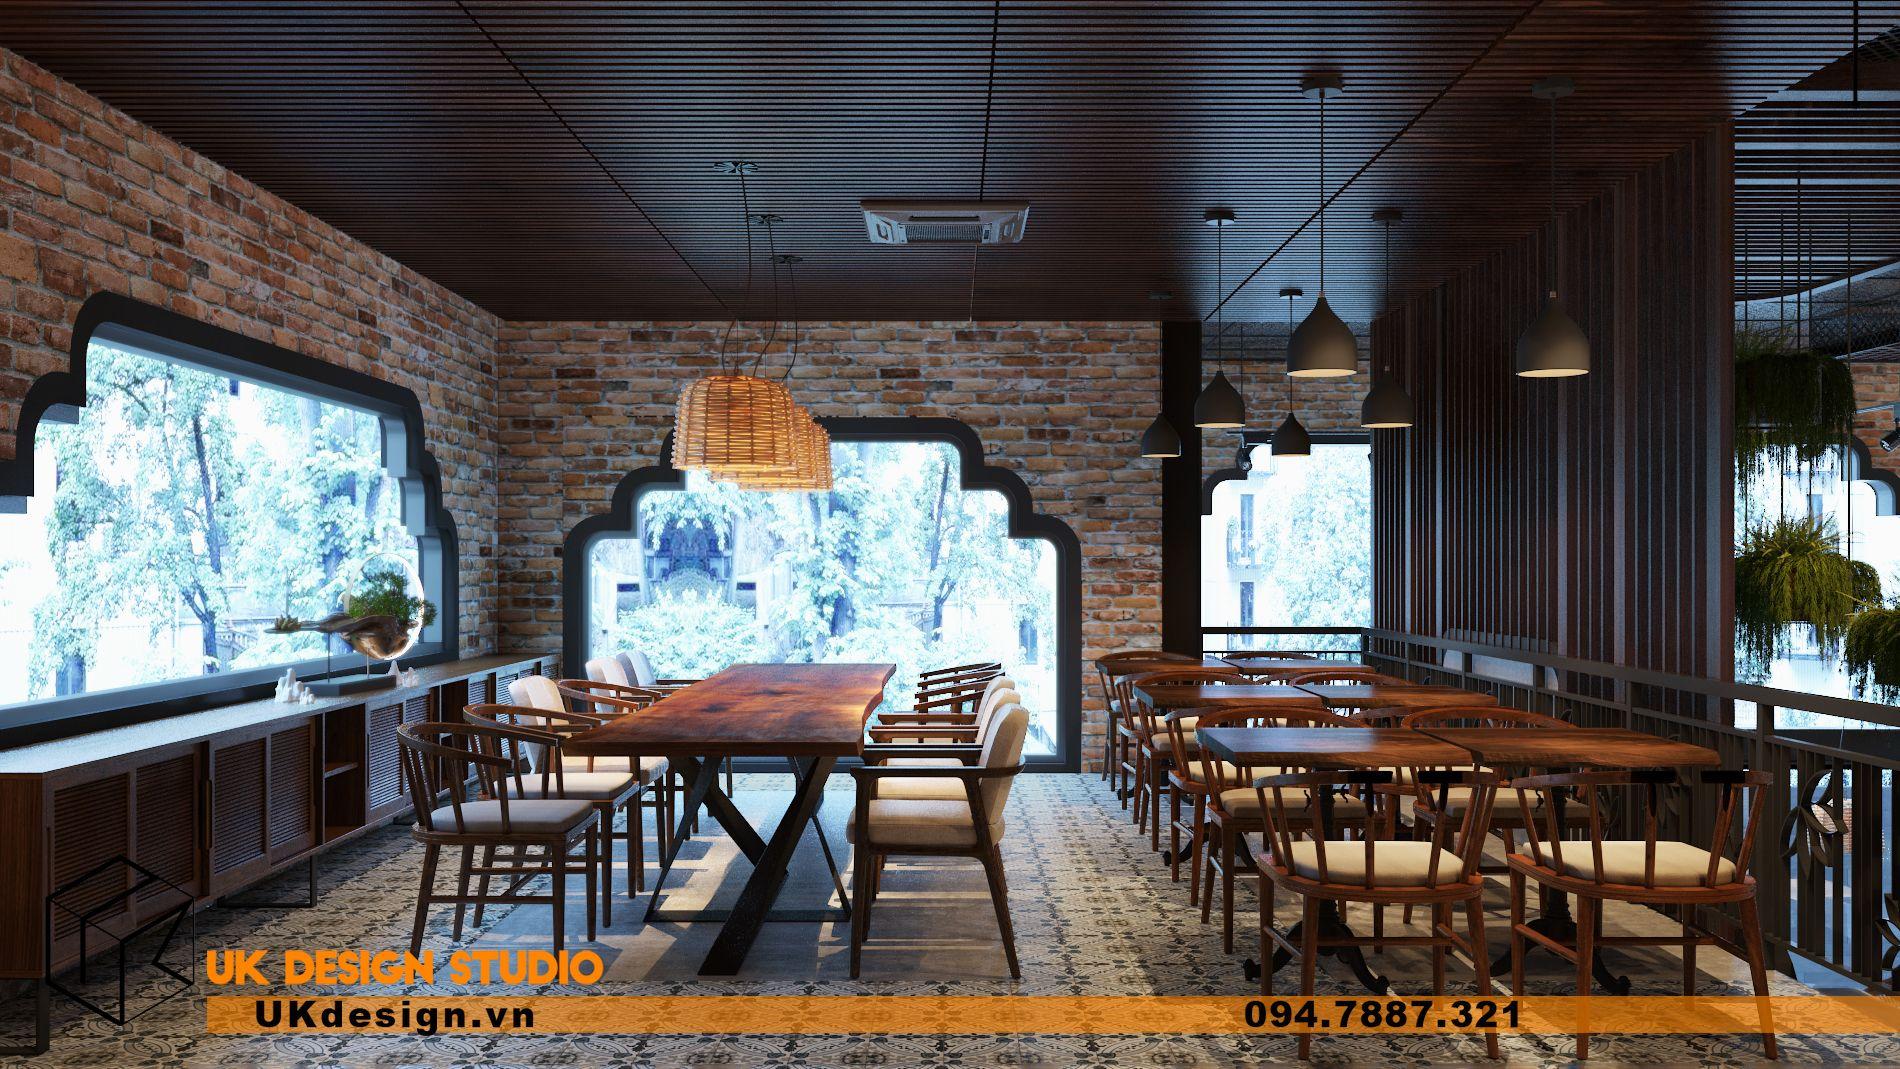 Thiết kế nhà hàng chay TÂM MỘC 21